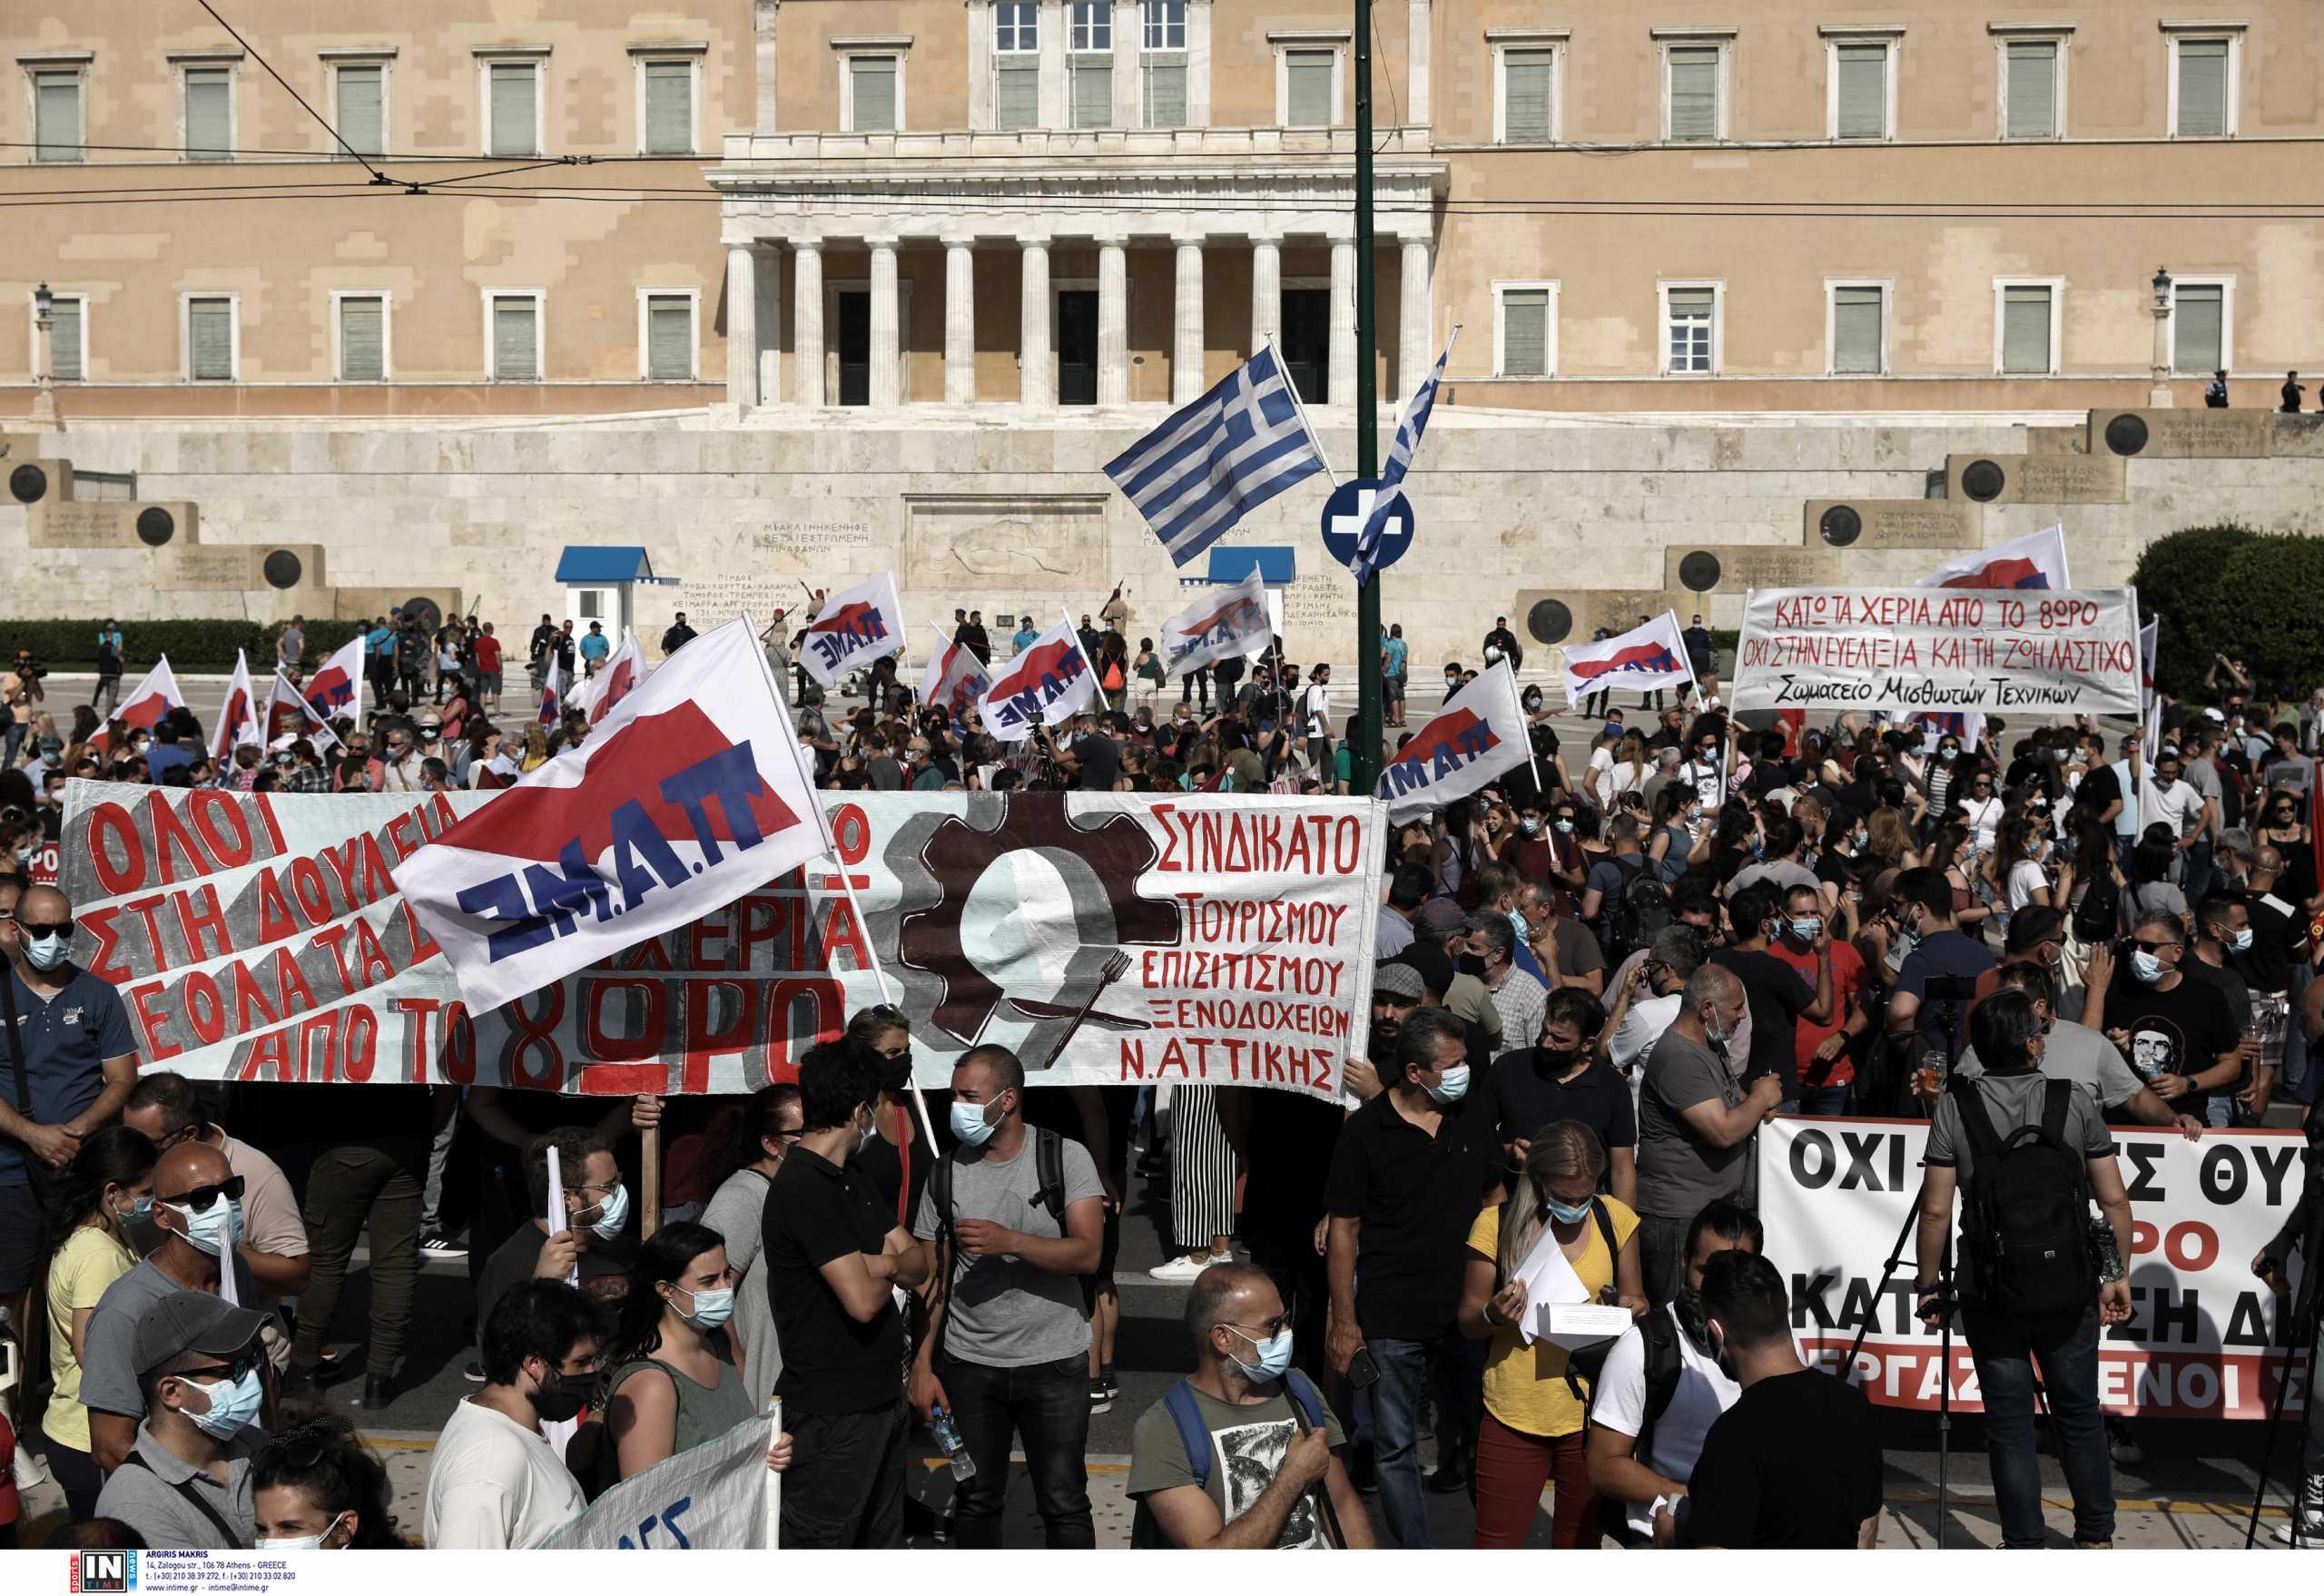 Απεργία: Σε εξέλιξη τα συλλαλητήρια κατά του εργασιακού νομοσχεδίου στο κέντρο της Αθήνας (pics)